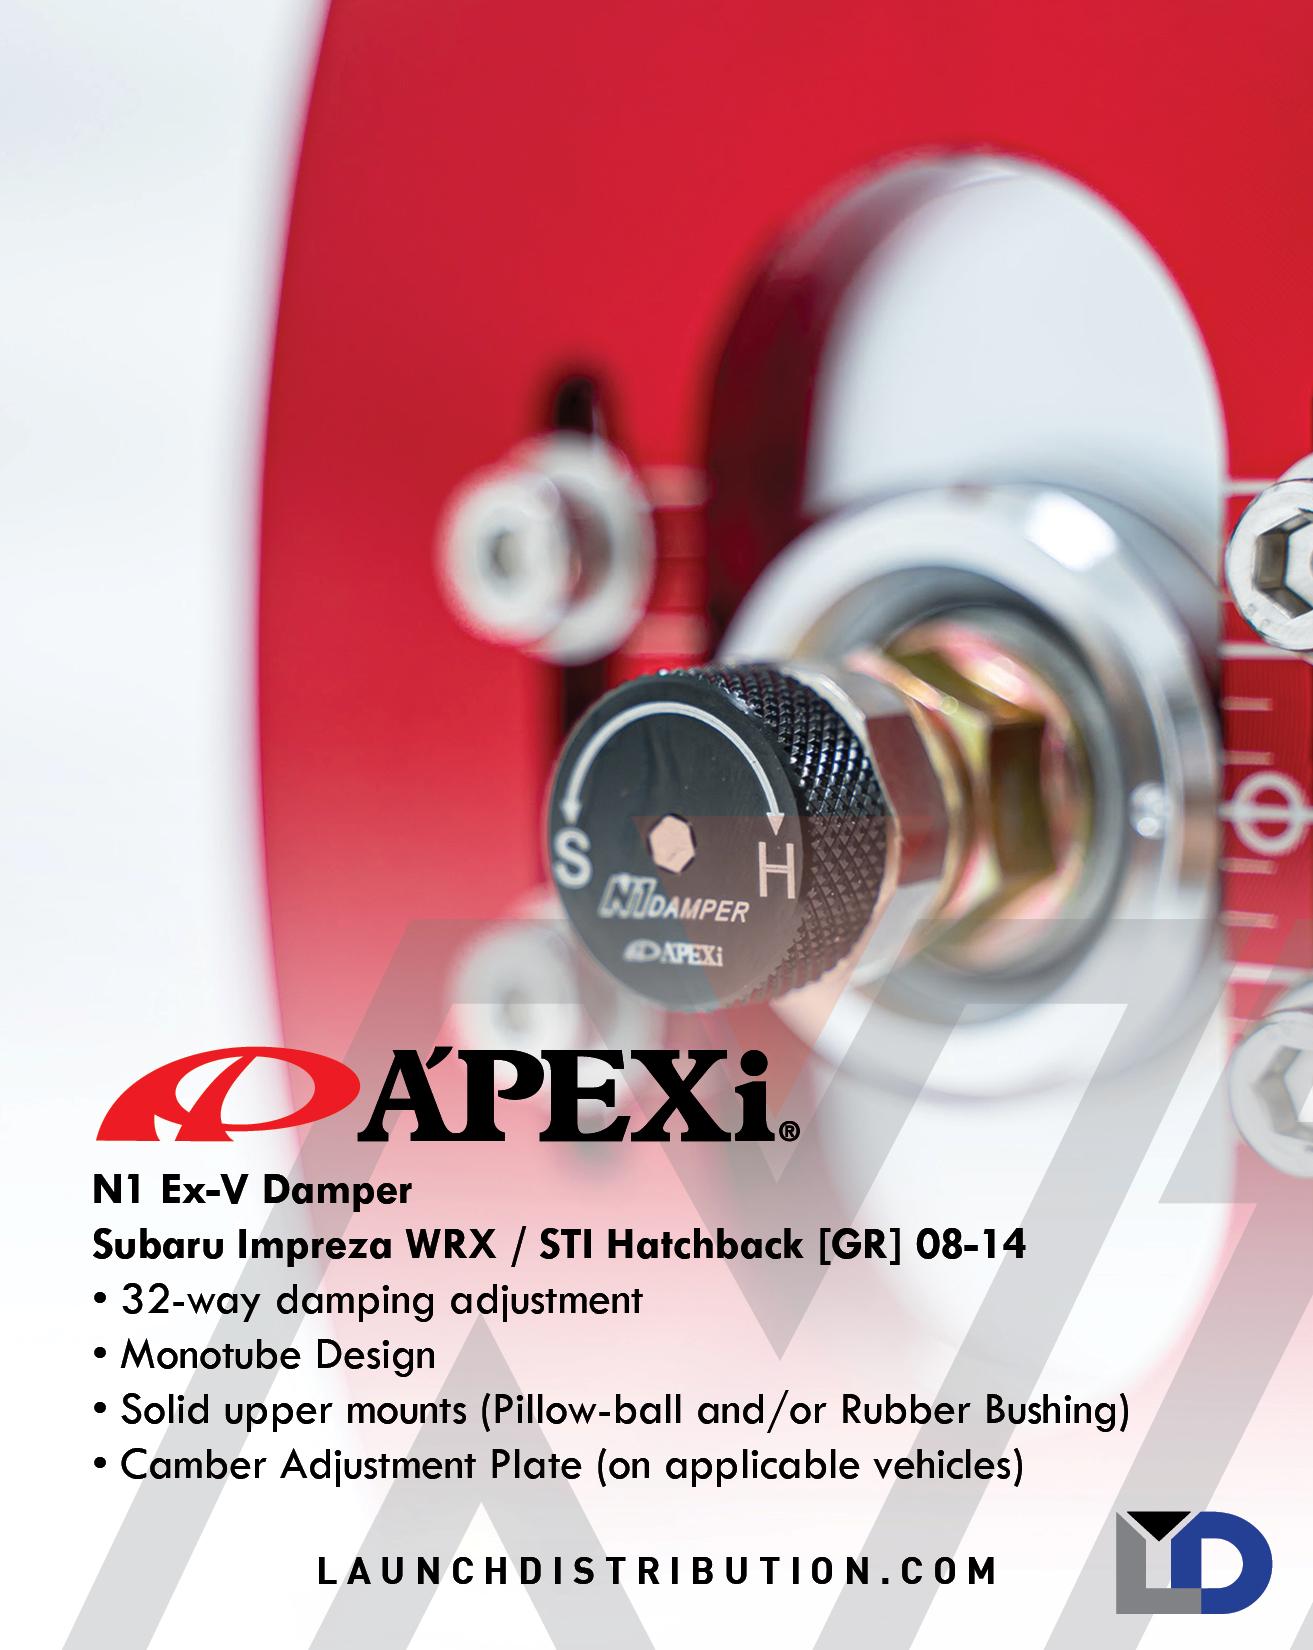 A'PEXi N1 Ex-V Damper for Subaru WRX/STi Hatchback